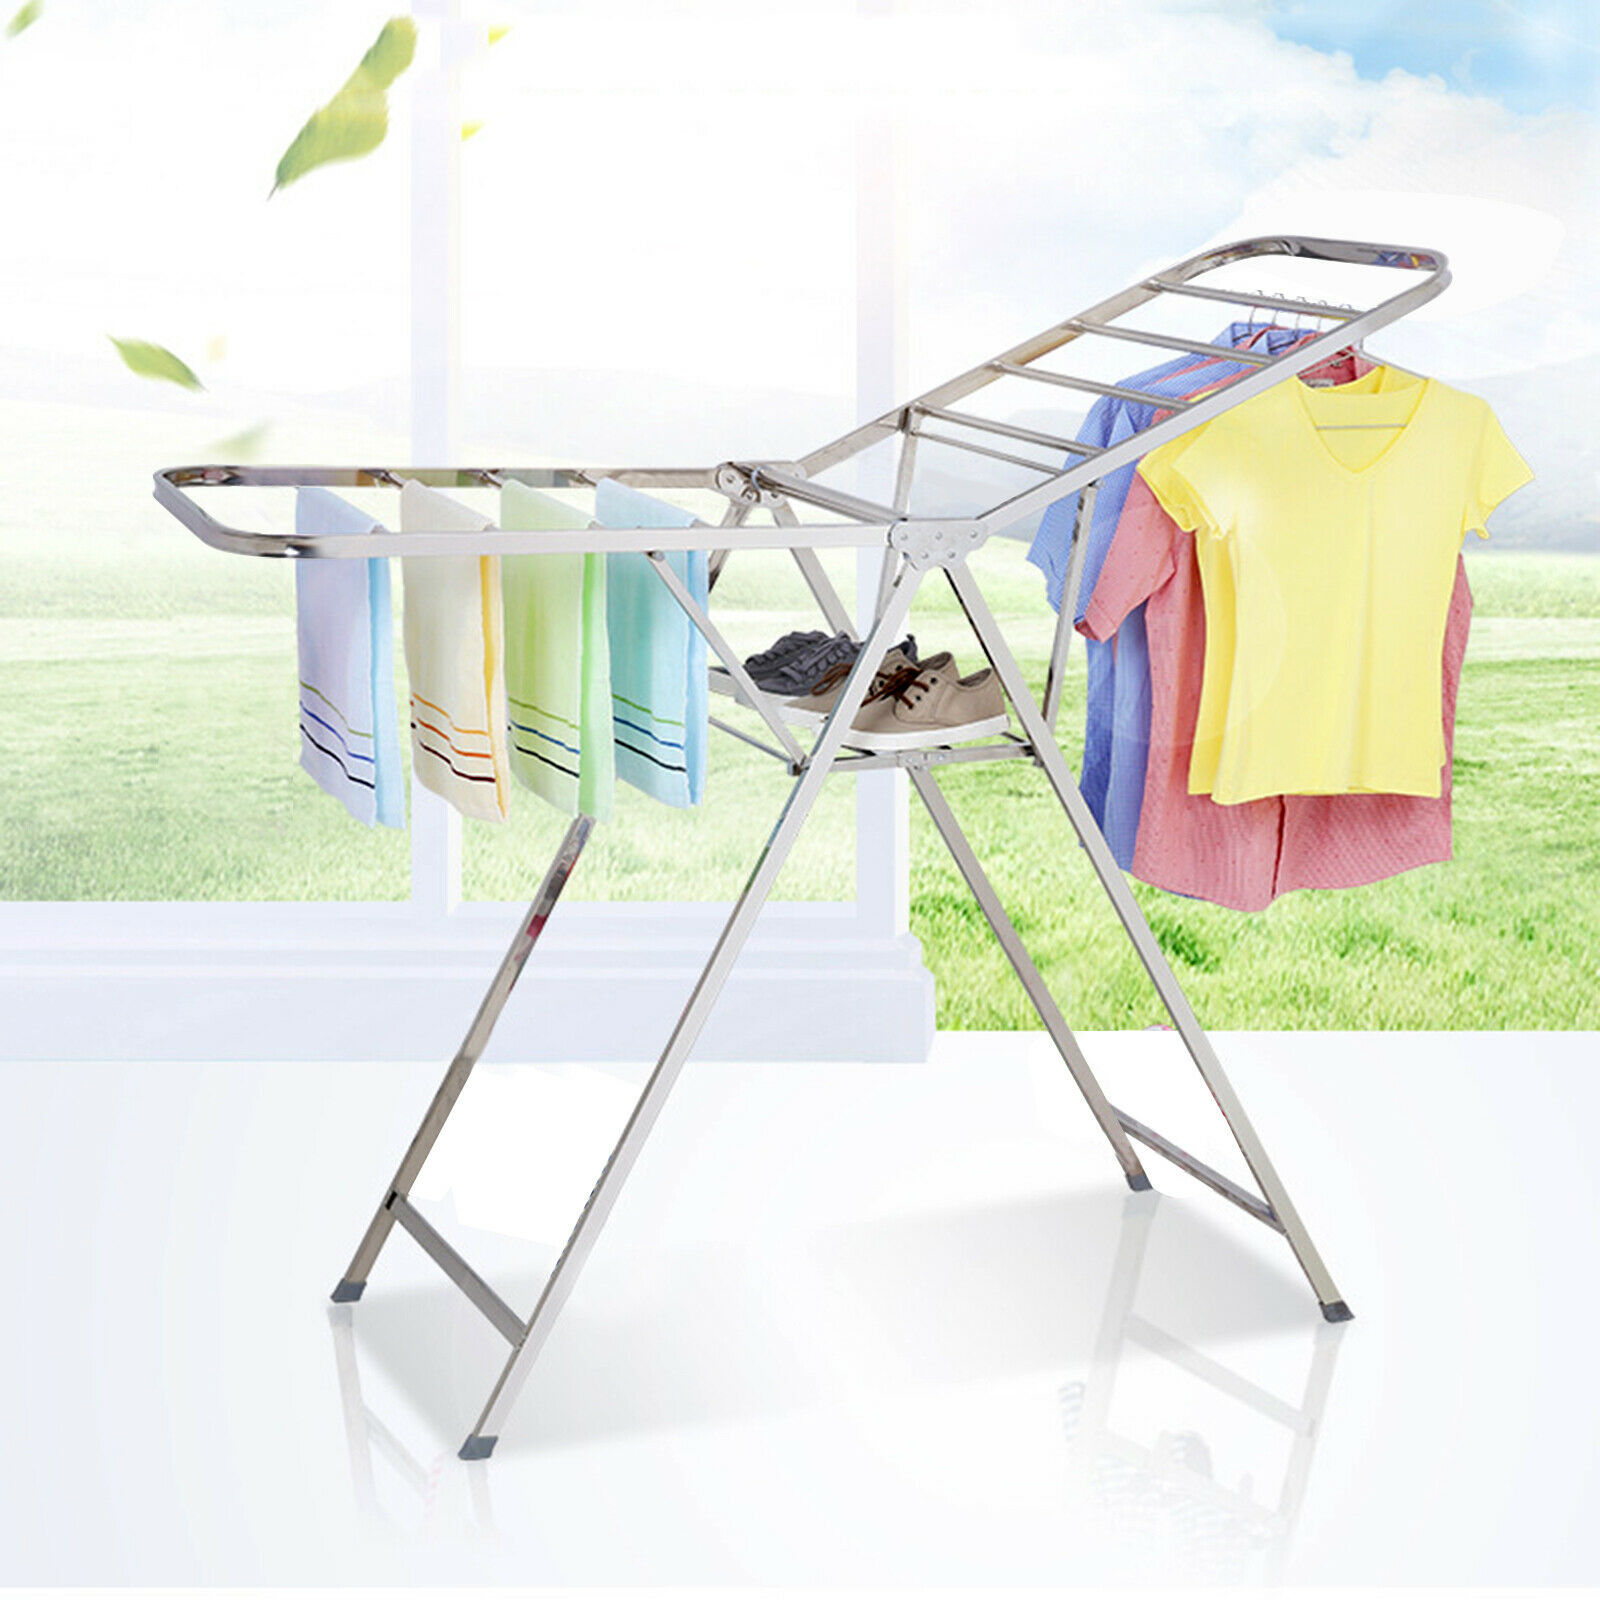 Estante de secado de acero inoxidable, estante de secado plegable para interiores, estante de secado frío para el hogar, estantería para colgar ropa para niños simple para balcón